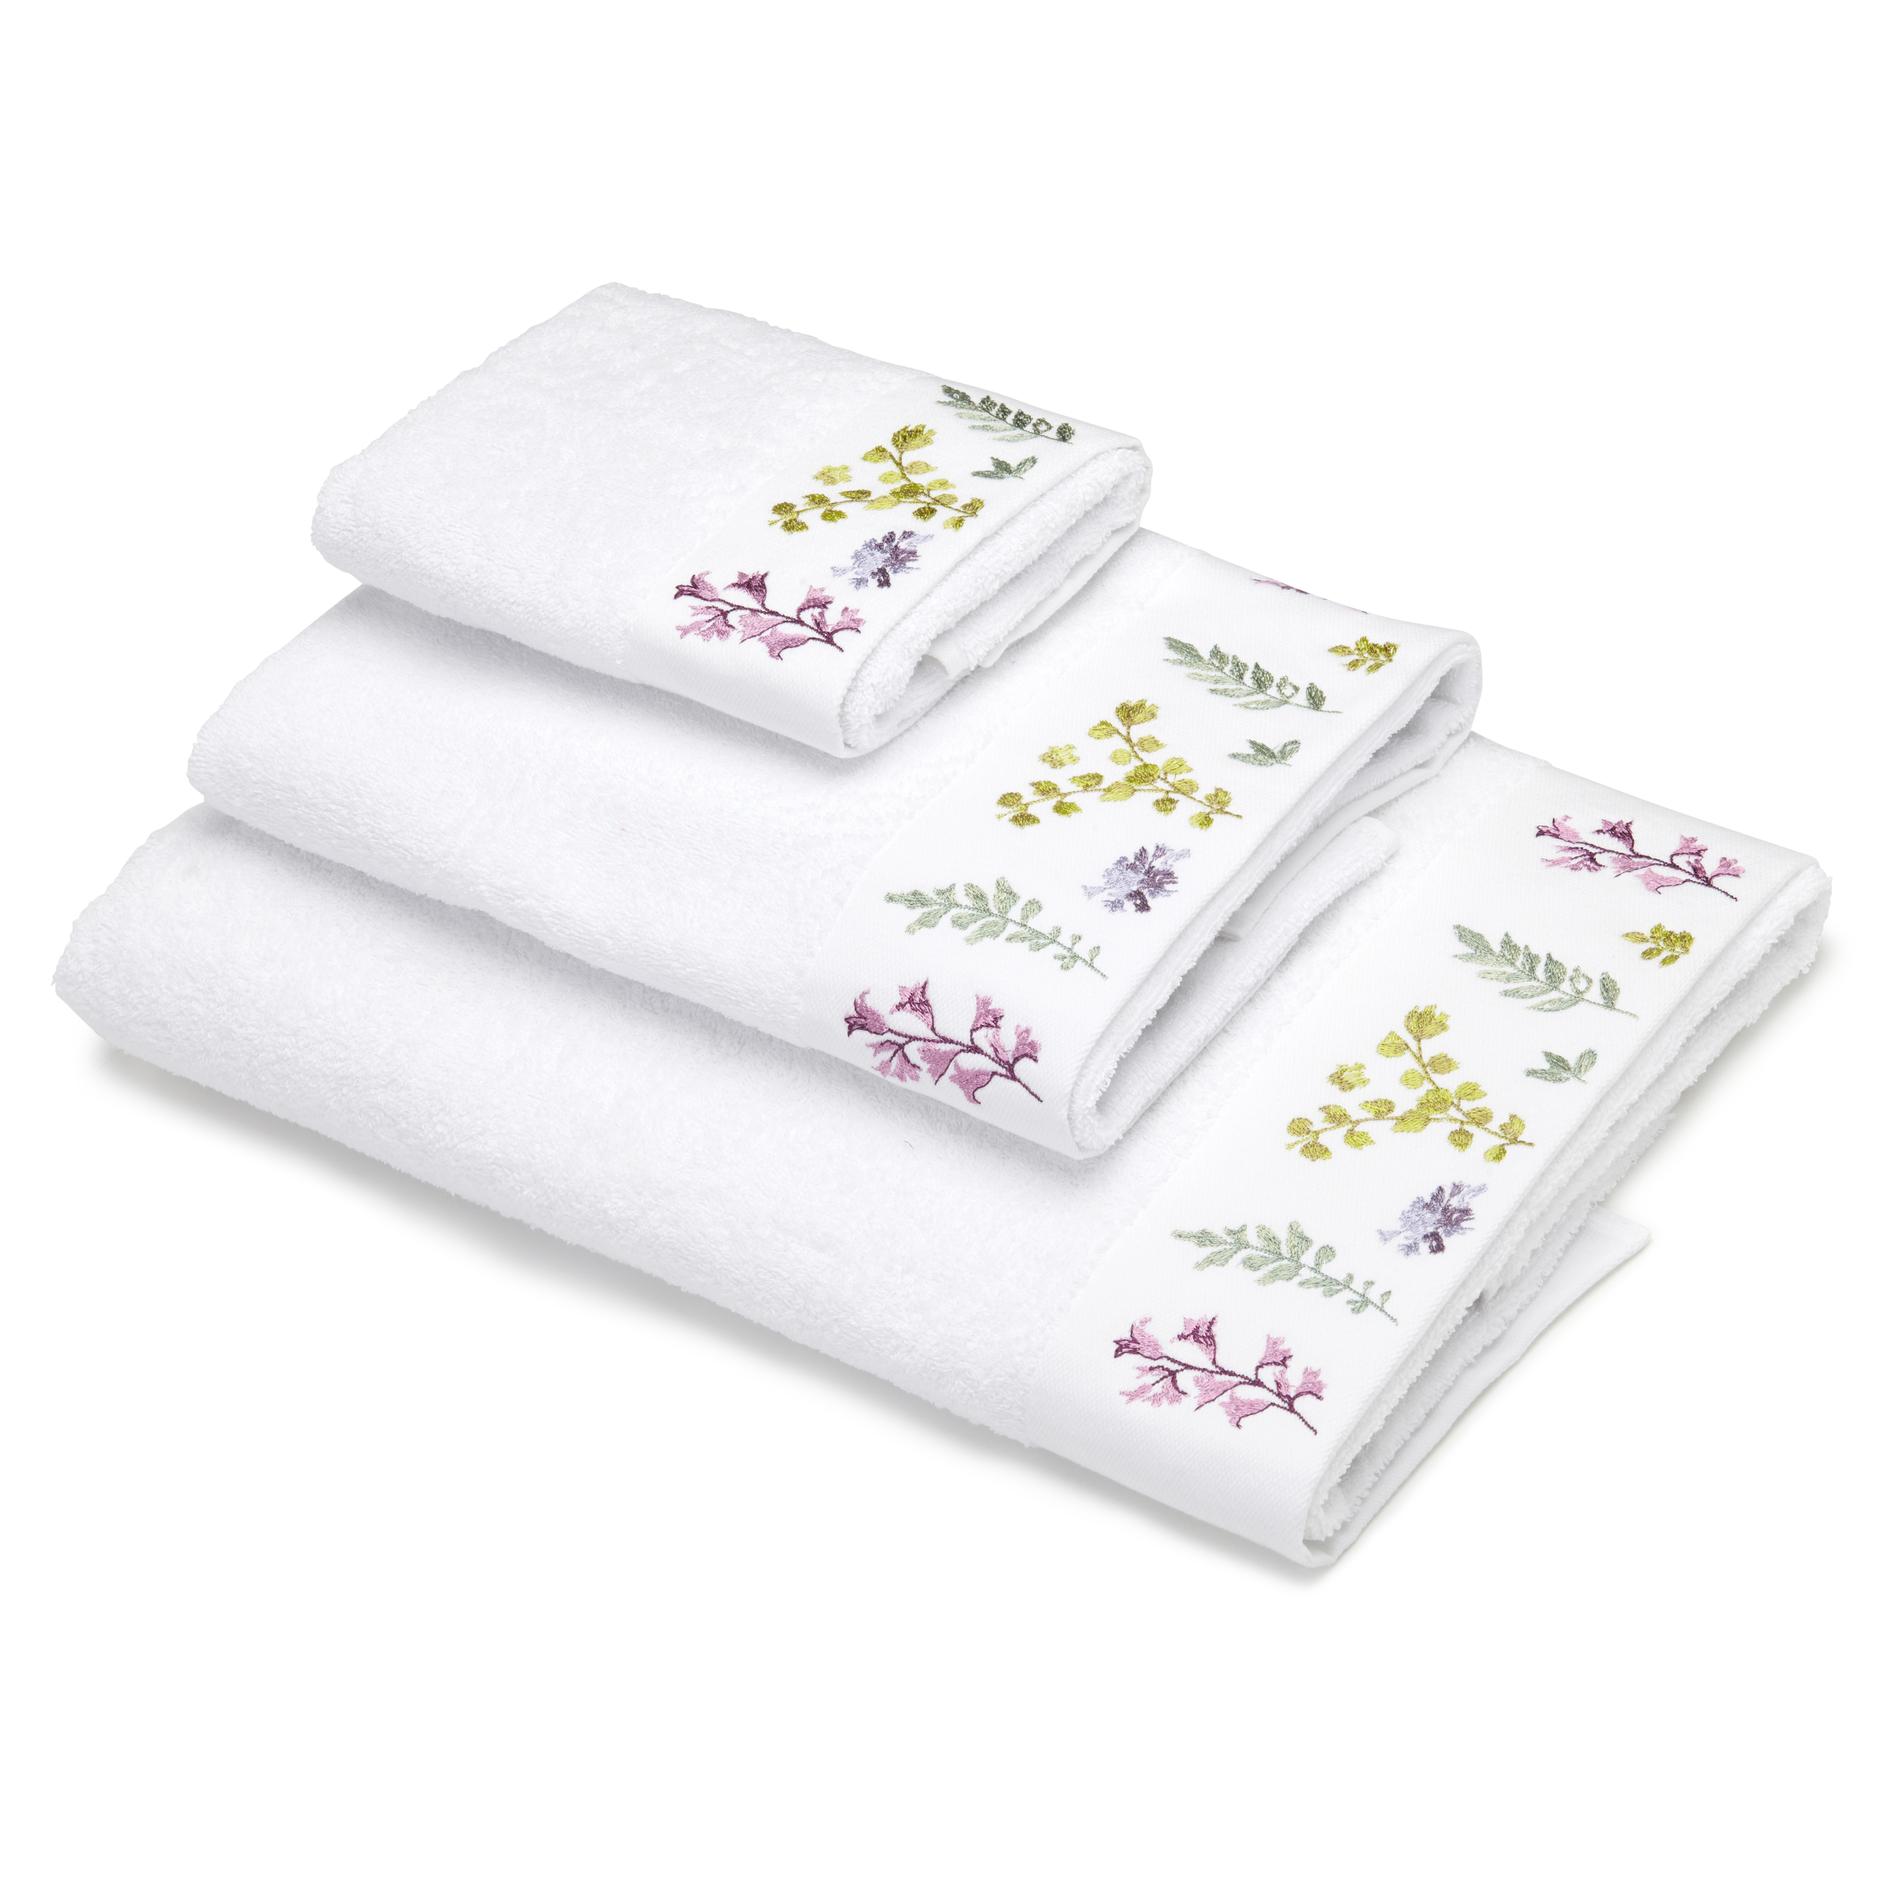 Asciugamano puro cotone riccio ricamato coincasa - Saldi coin casa ...